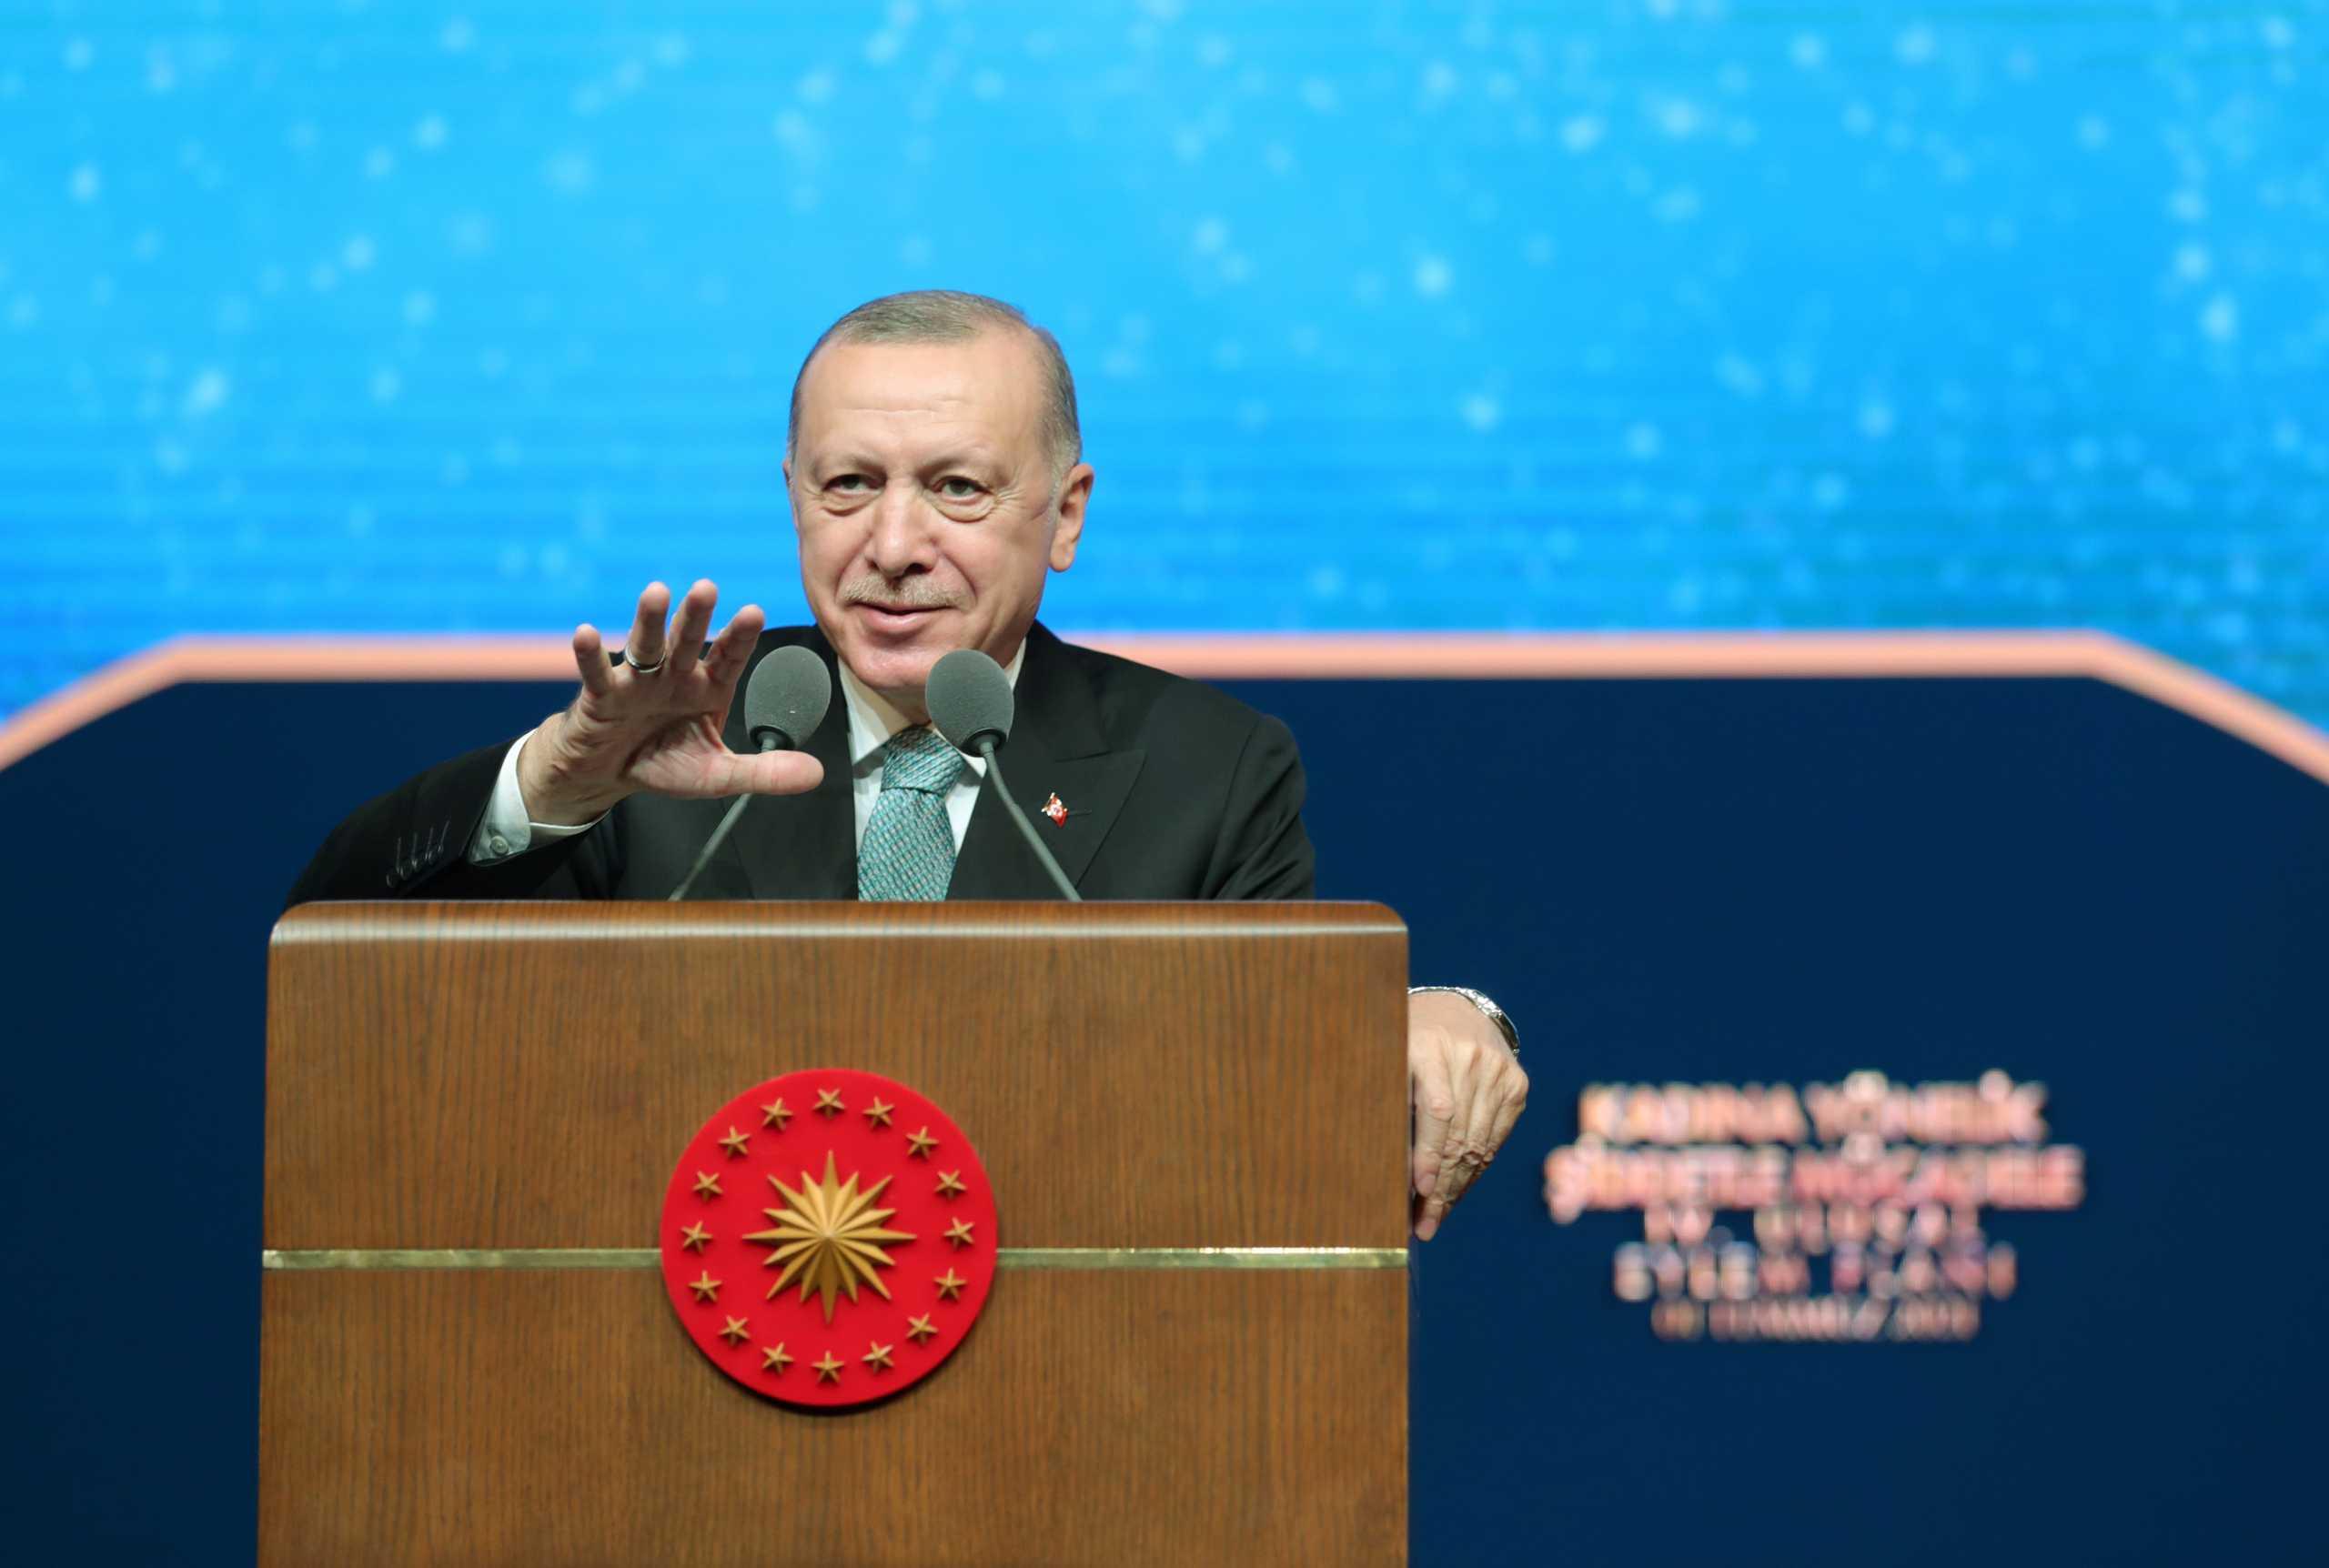 «Βάζει φωτιές» ο Ερντογάν: Θα πάρουμε ό,τι δικαιωματικά μας ανήκει στην ανατολική Μεσόγειο